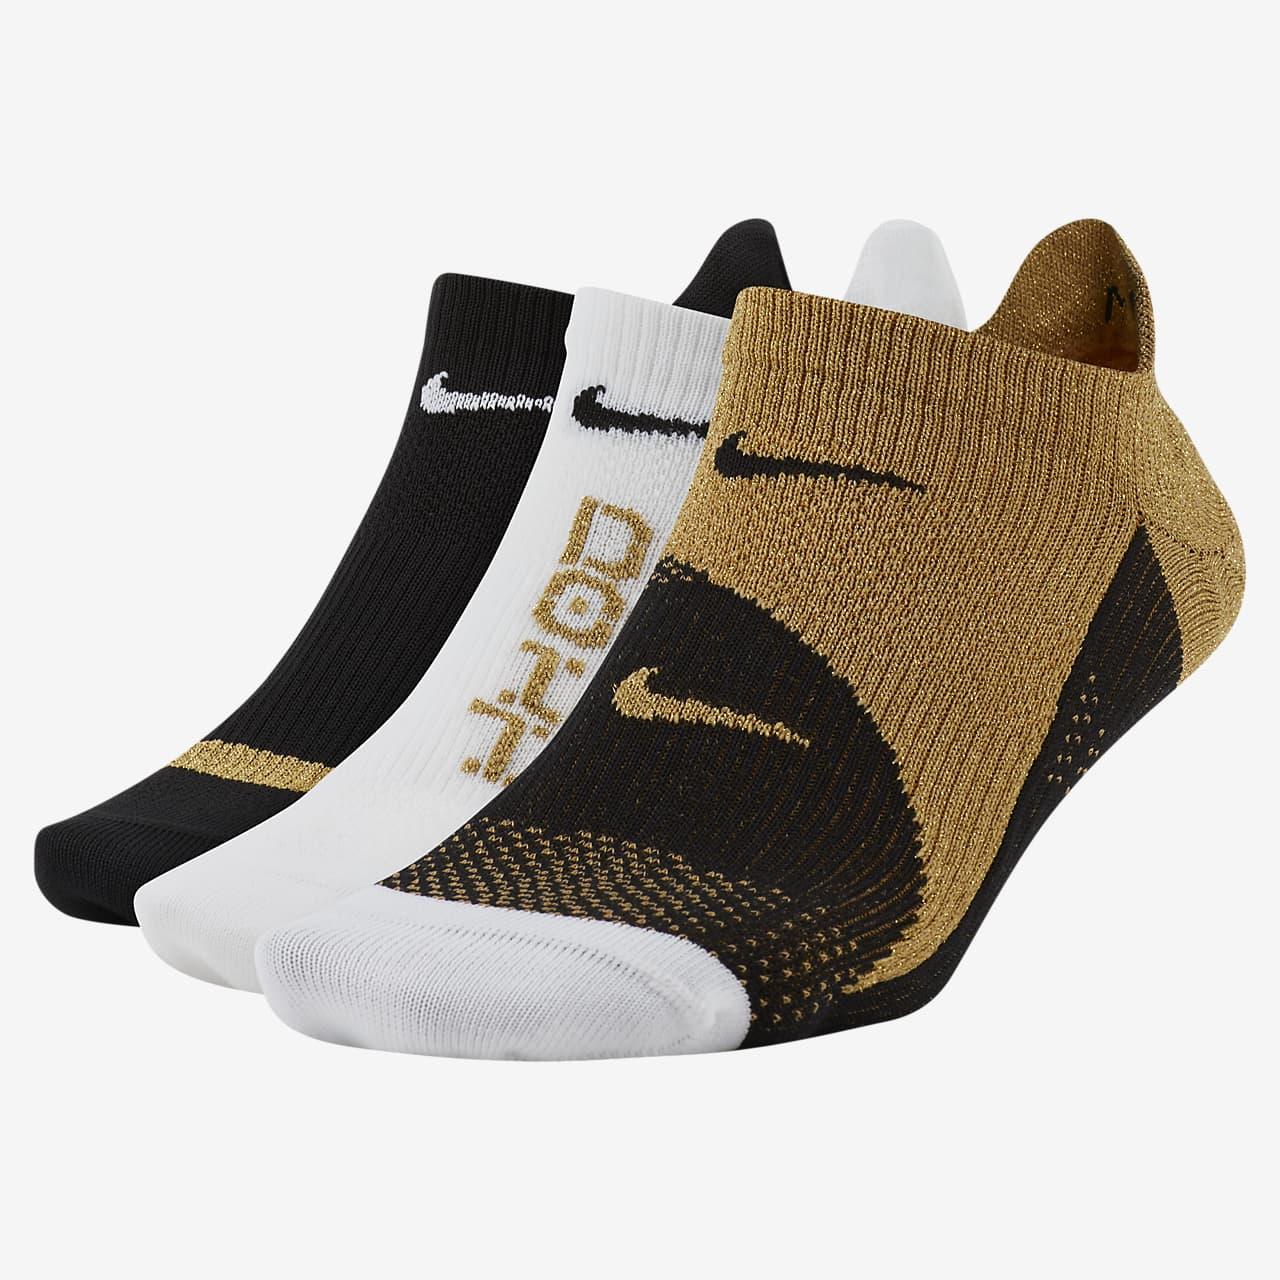 Nike Everyday Plus Lightweight Onzichtbare trainingssokken voor dames (3 paar)